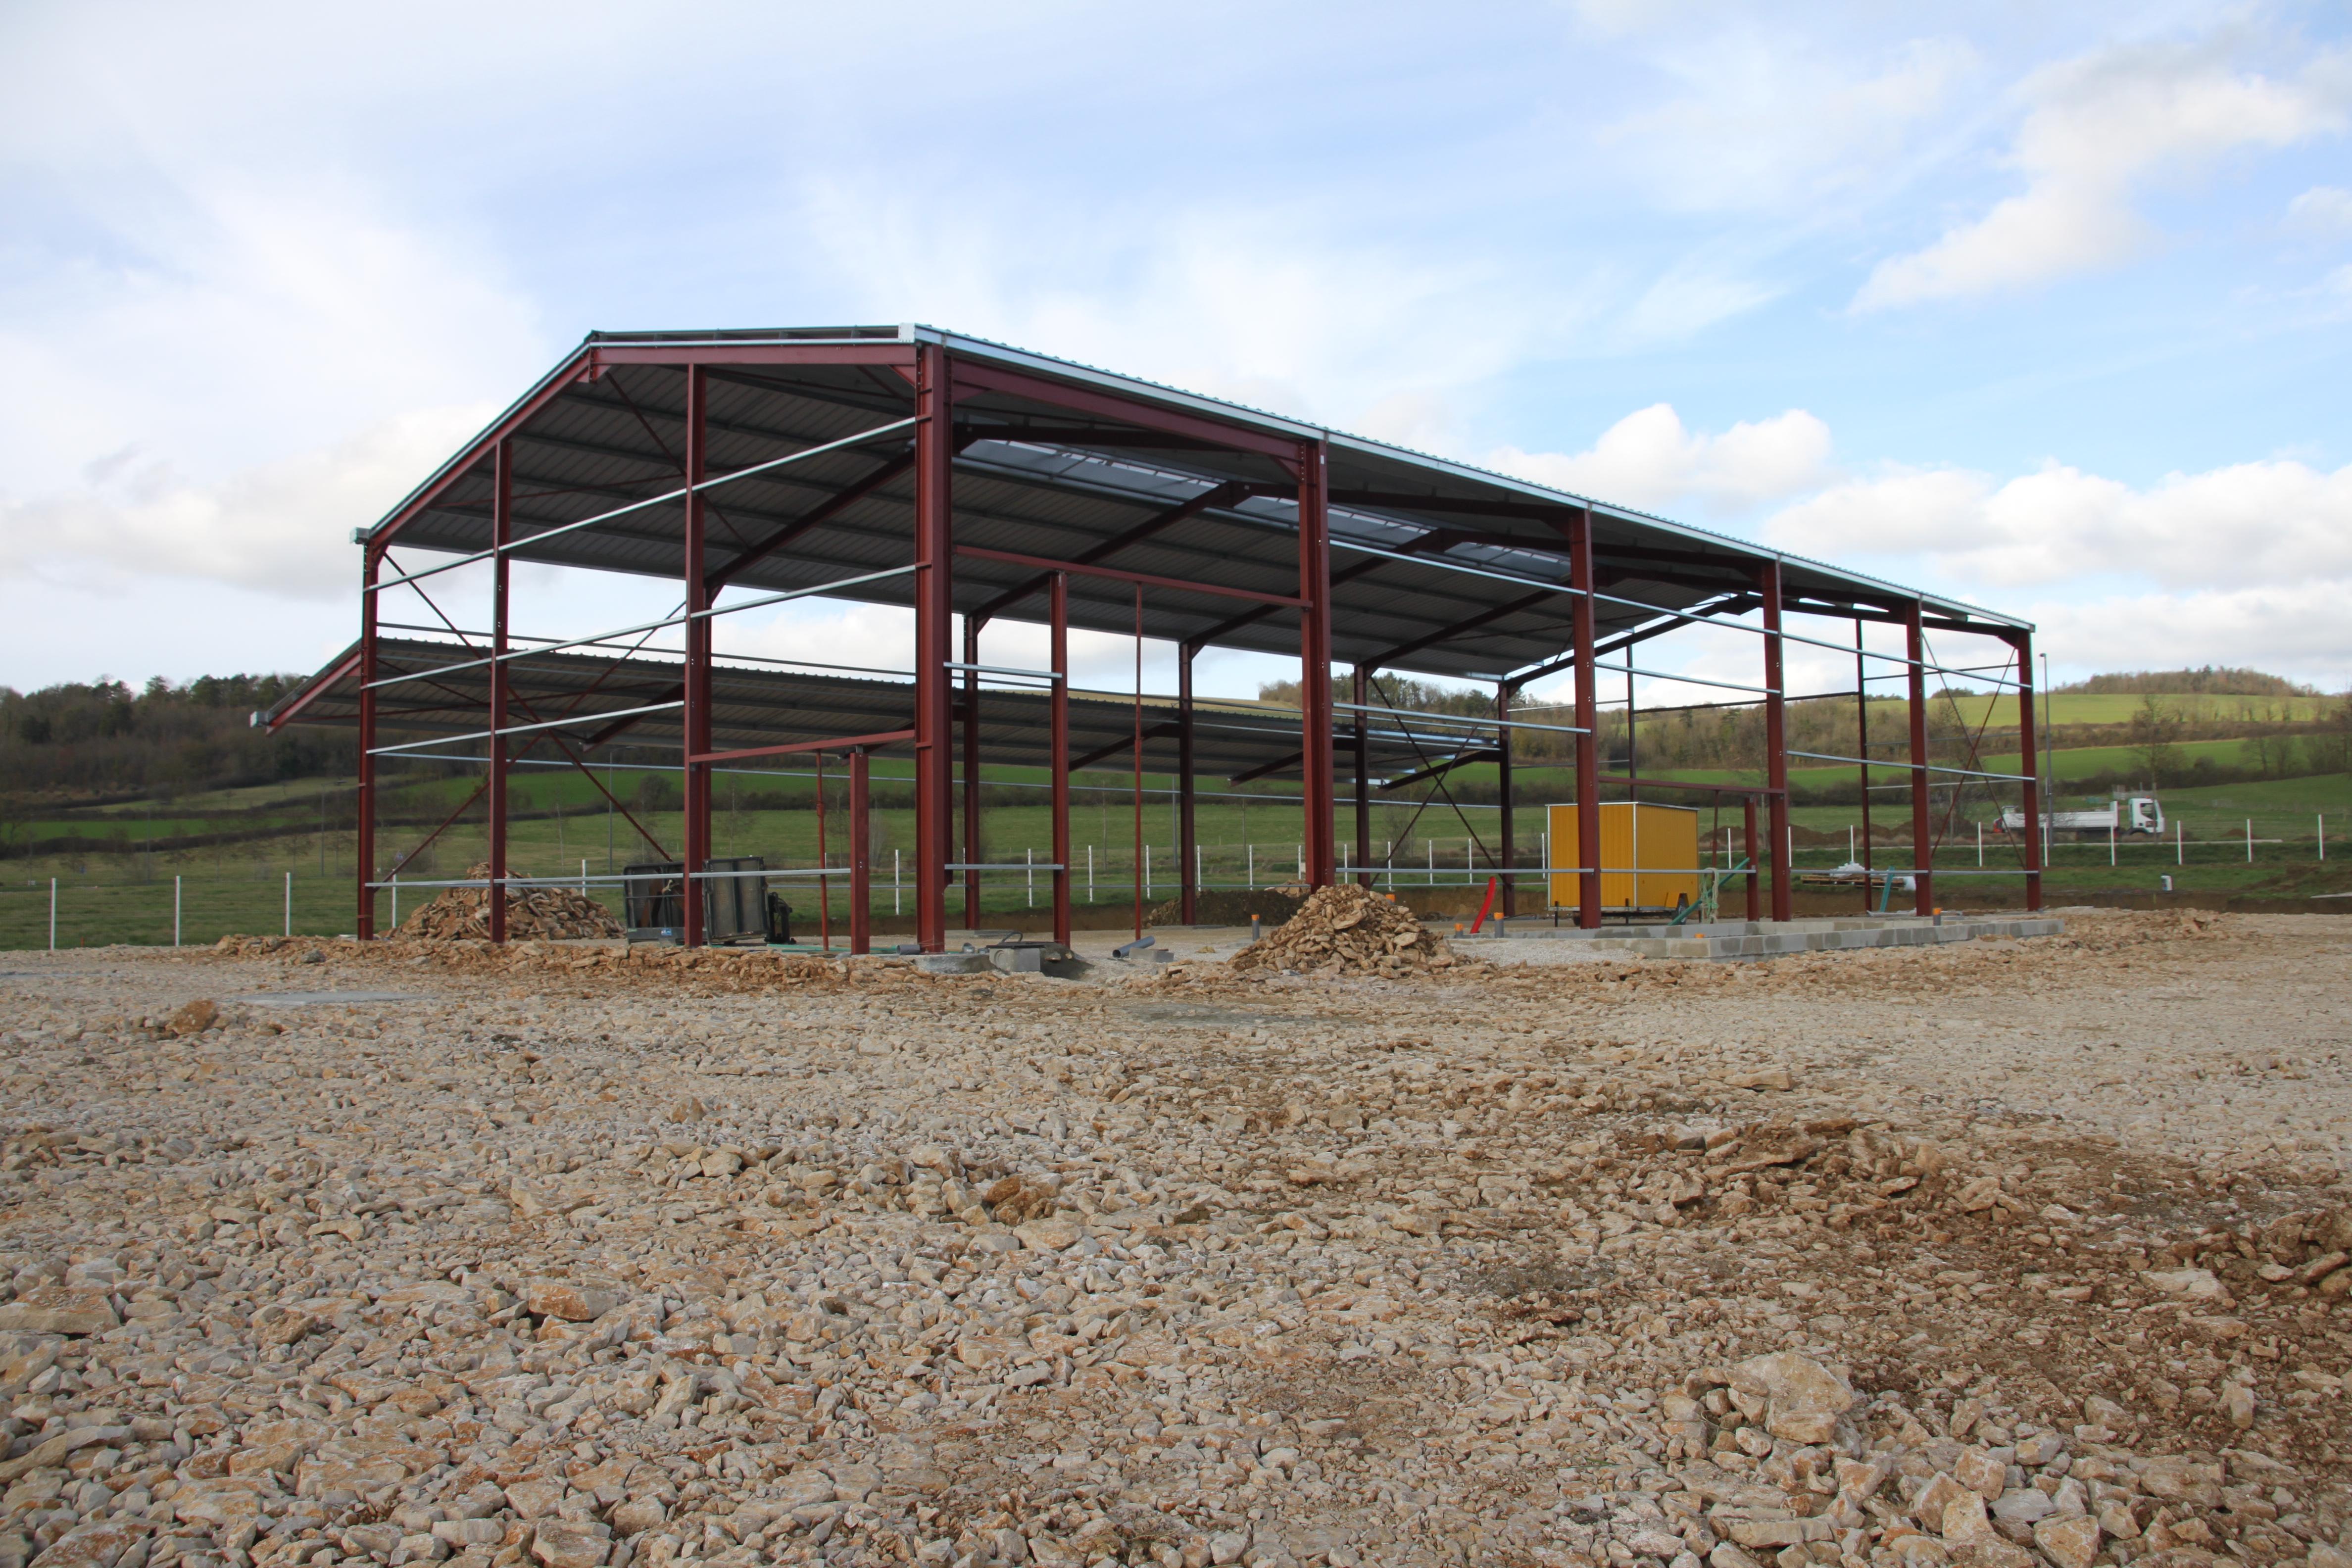 Notre bâtiment sort de terre à Fain-lès-Montbard